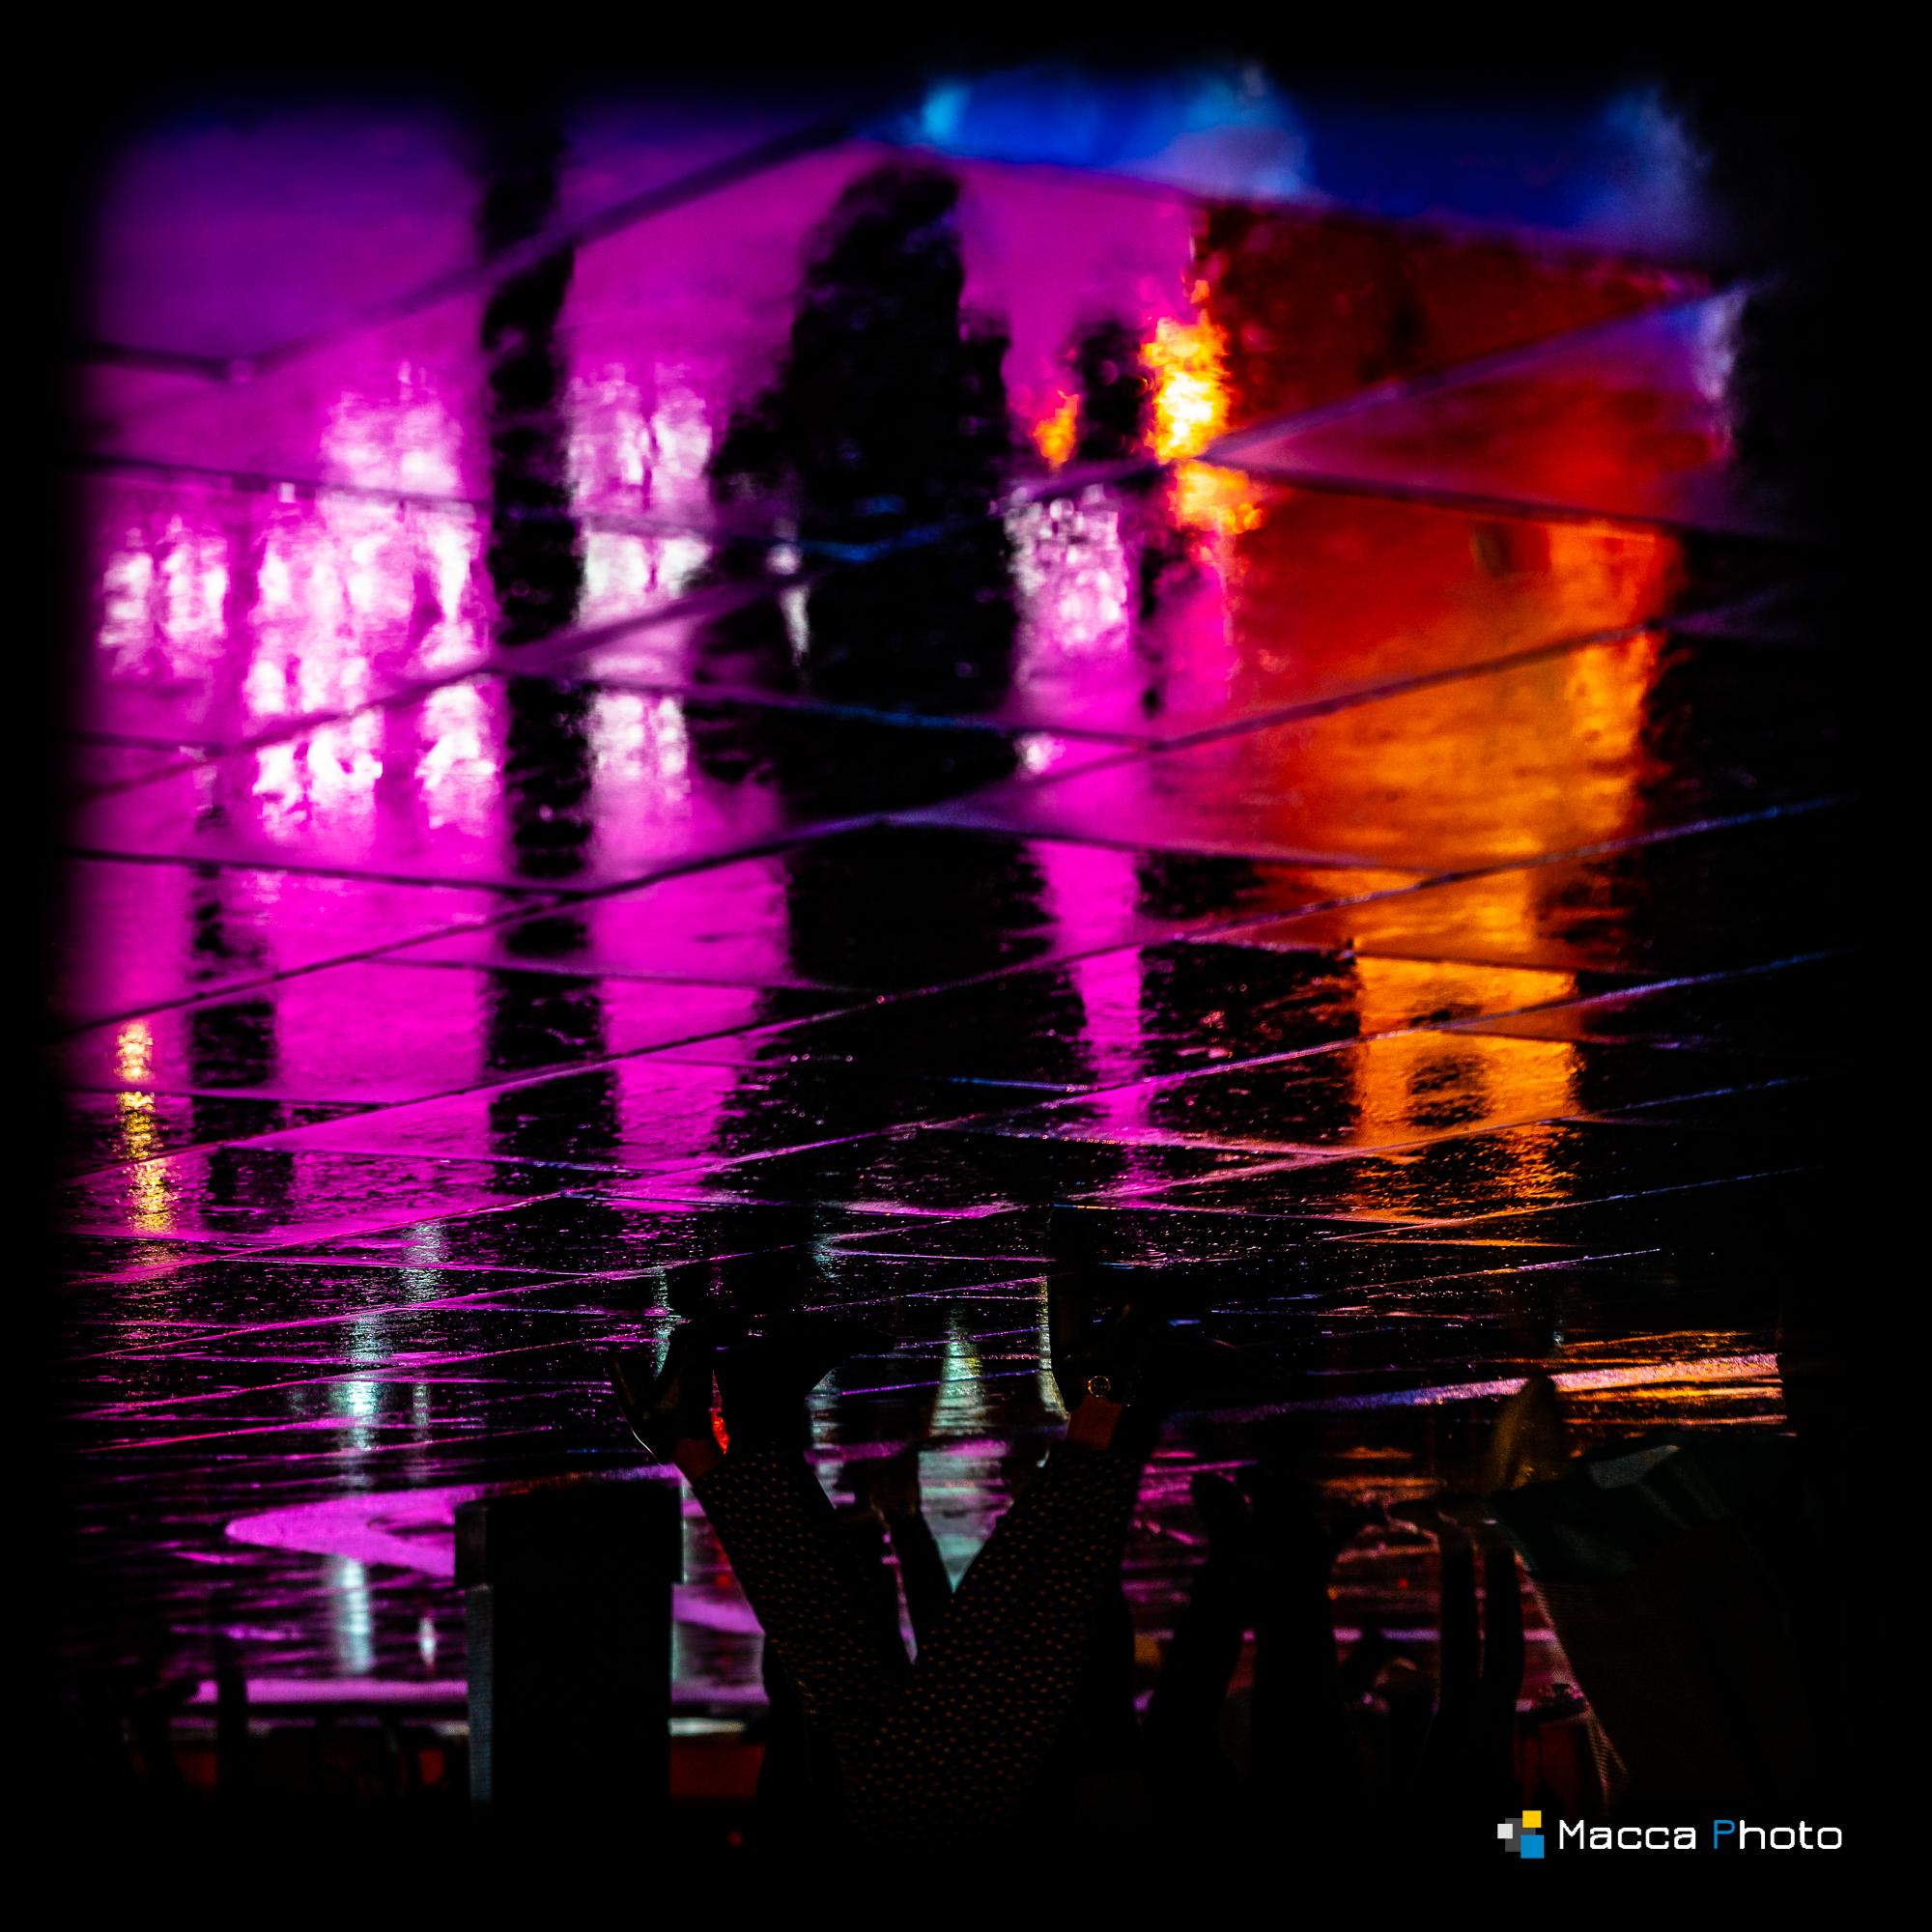 Rain Reflection 08